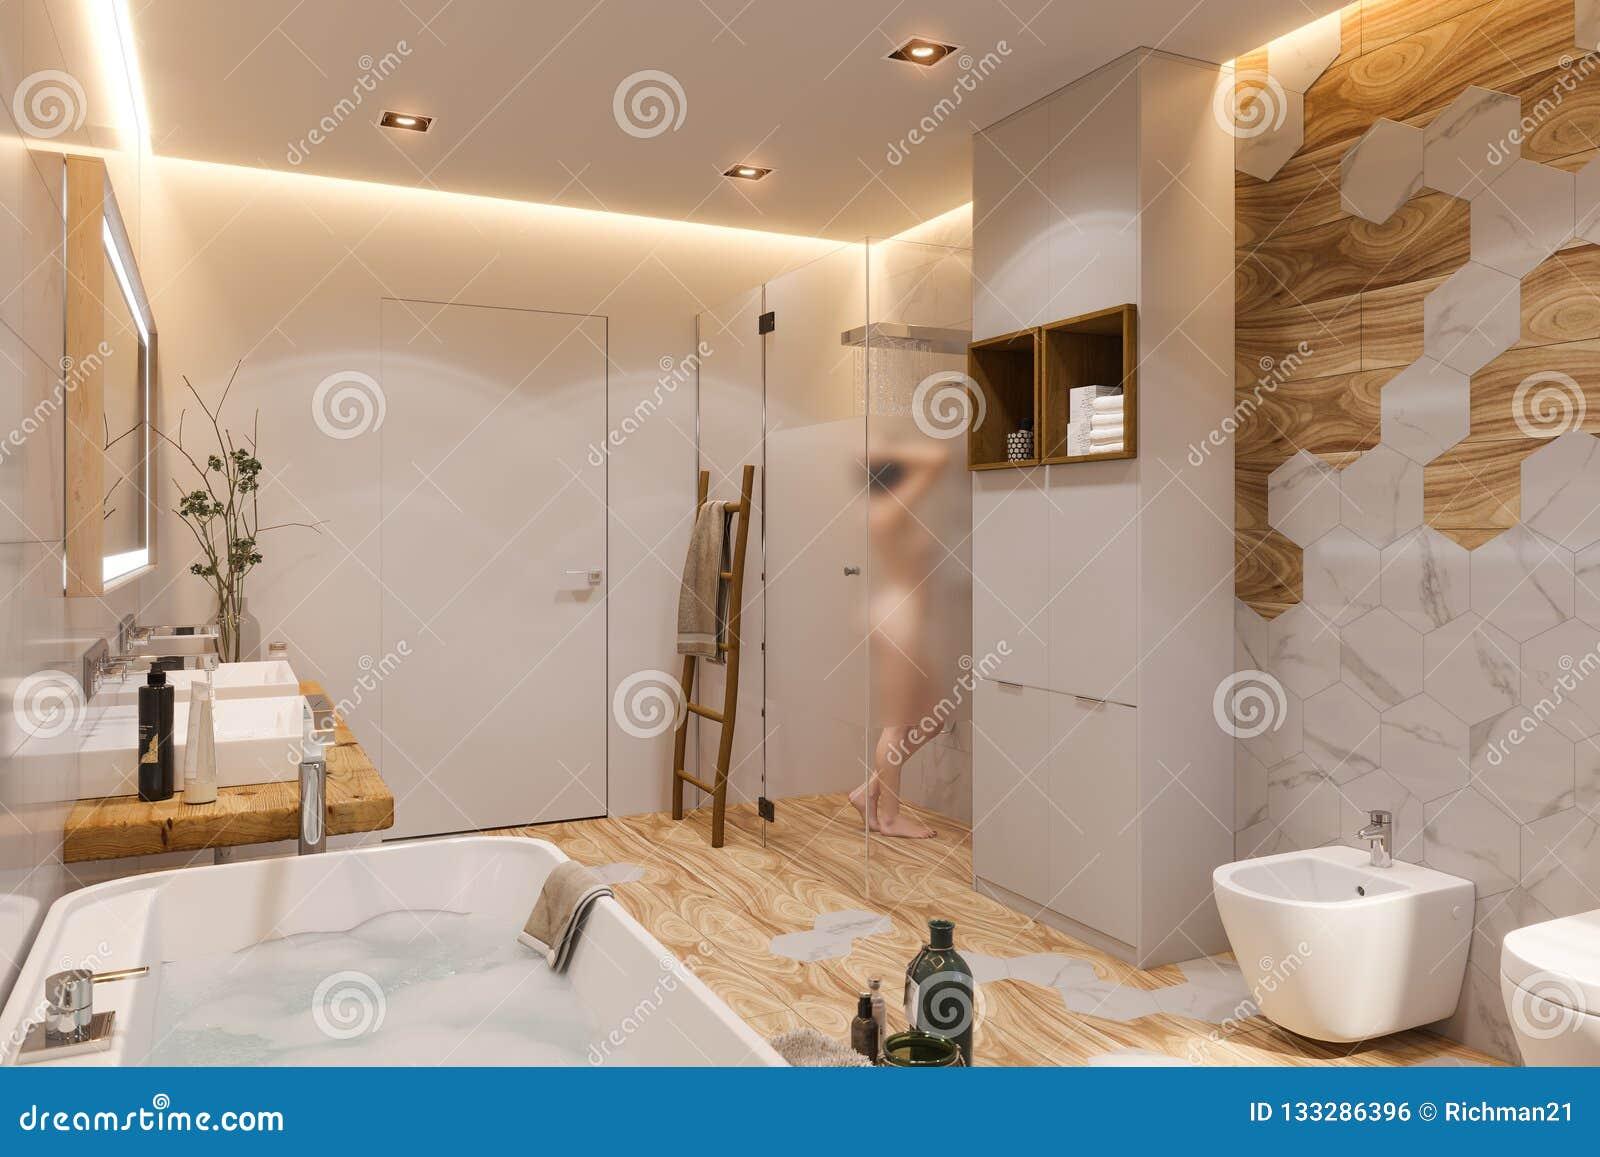 Diseño Interior De Un Cuarto De Baño, Ejemplo 3d En Un Estilo ...